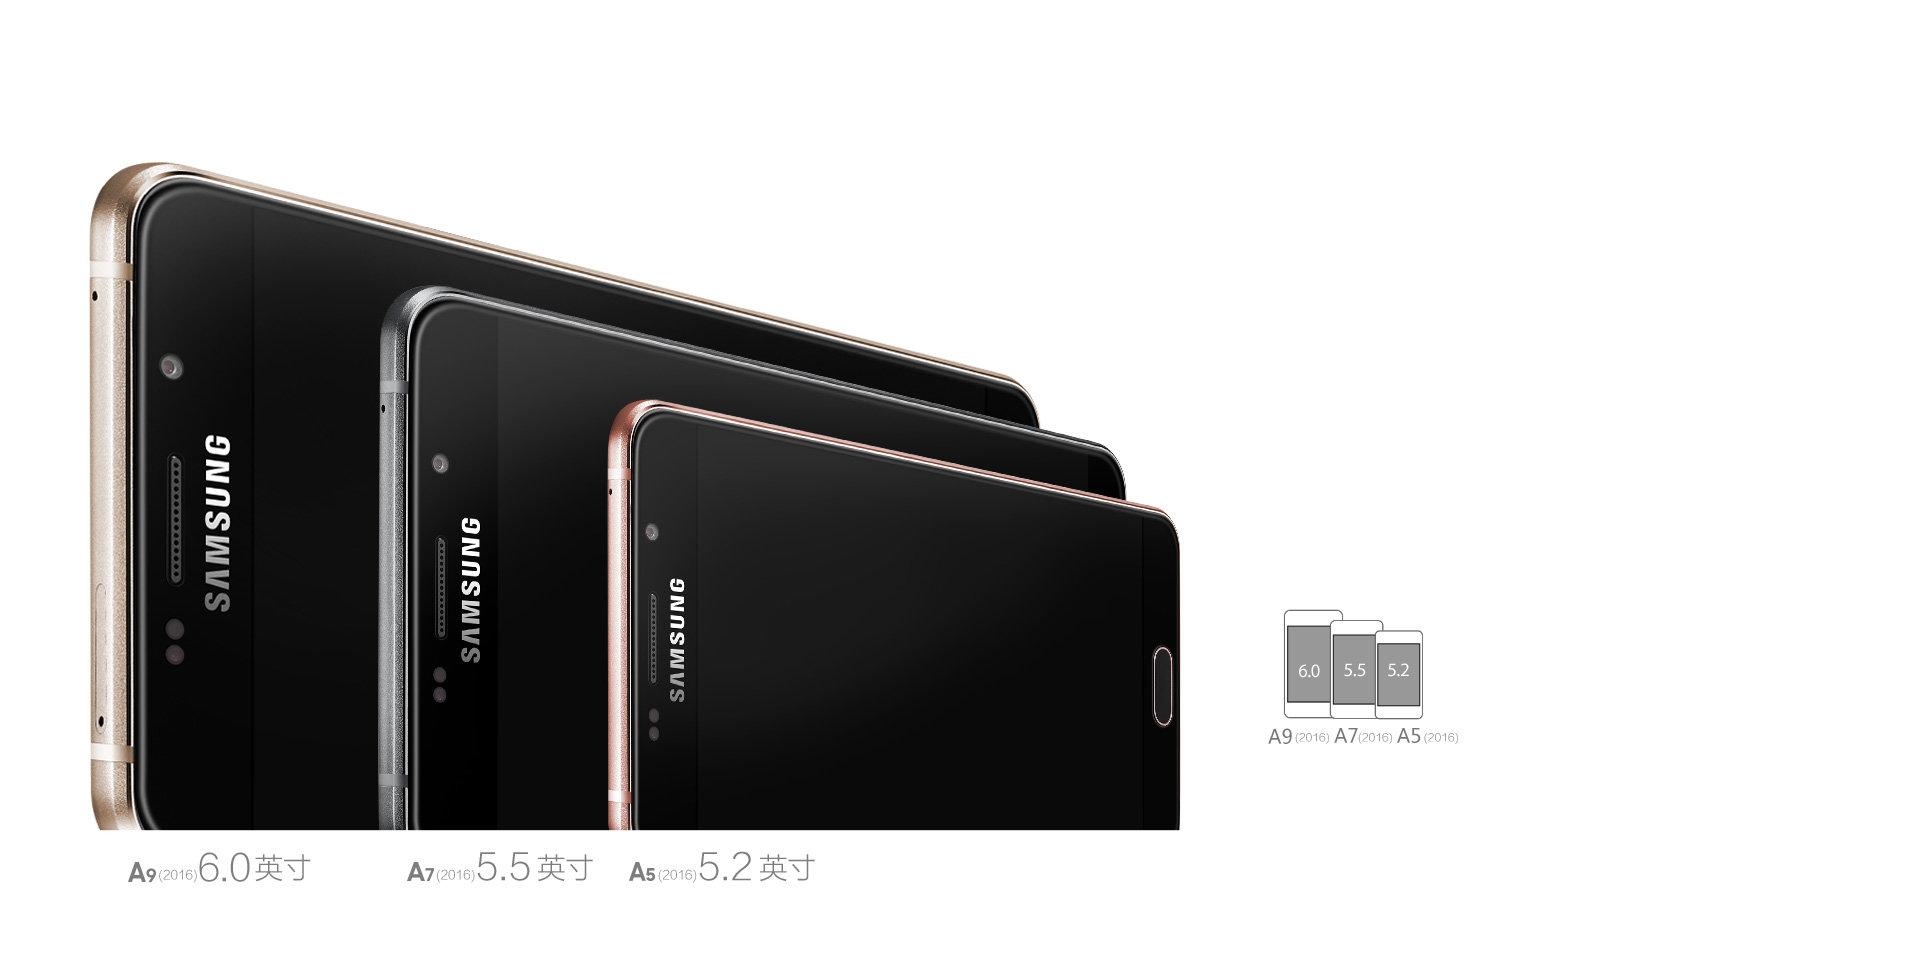 Samsung Galaxy A9, A5 und A3 (2016 Edition)